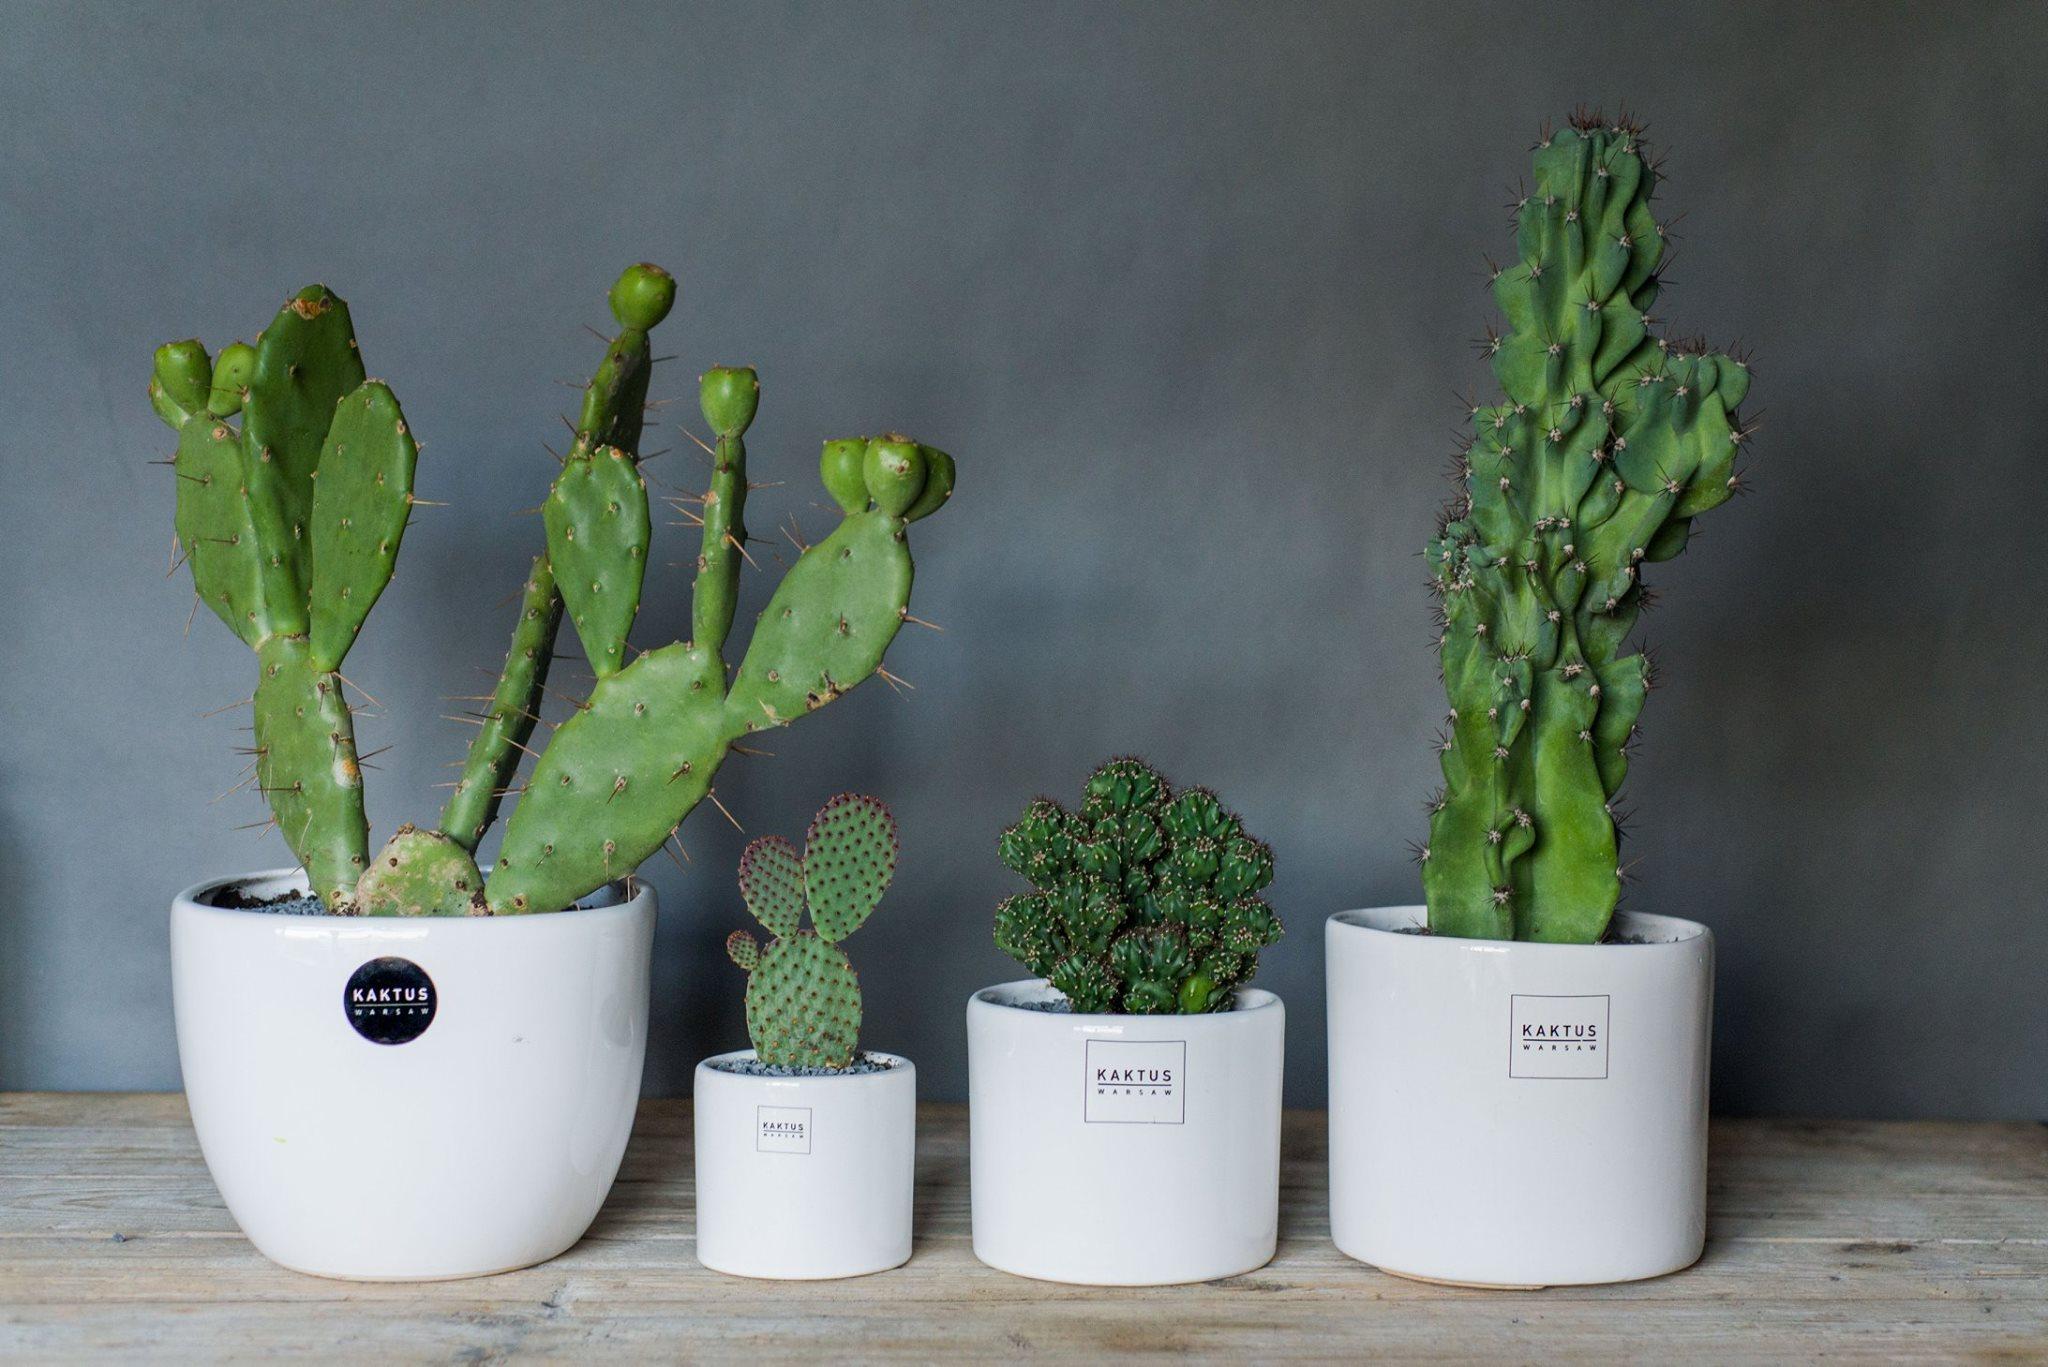 kaktus warsaw